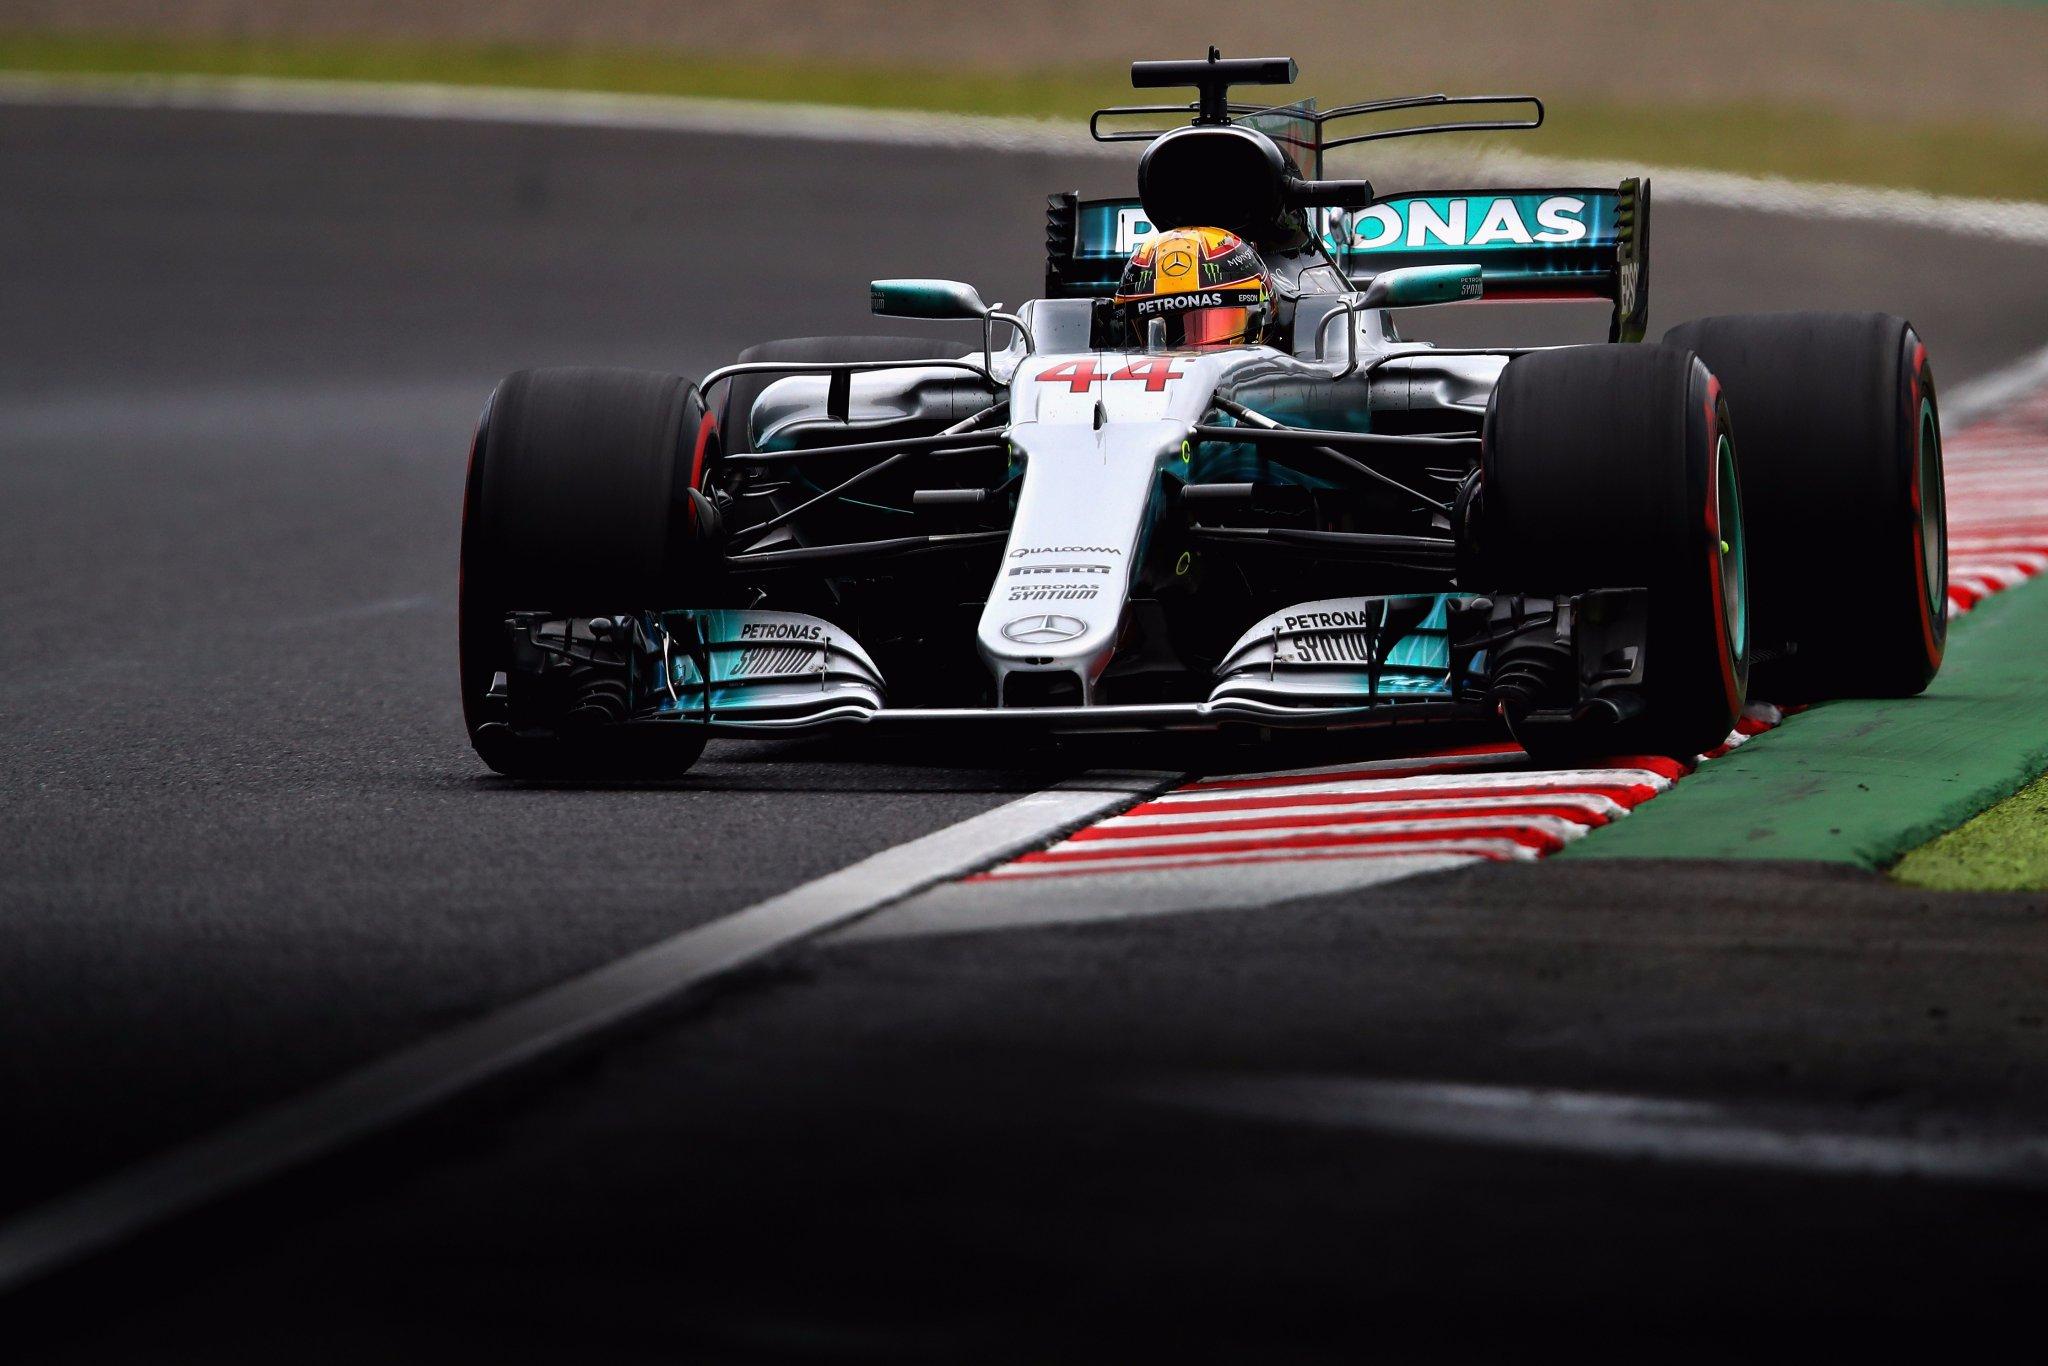 Льюис Хэмилтон в Японии приносит очередную победу команде Mercedes